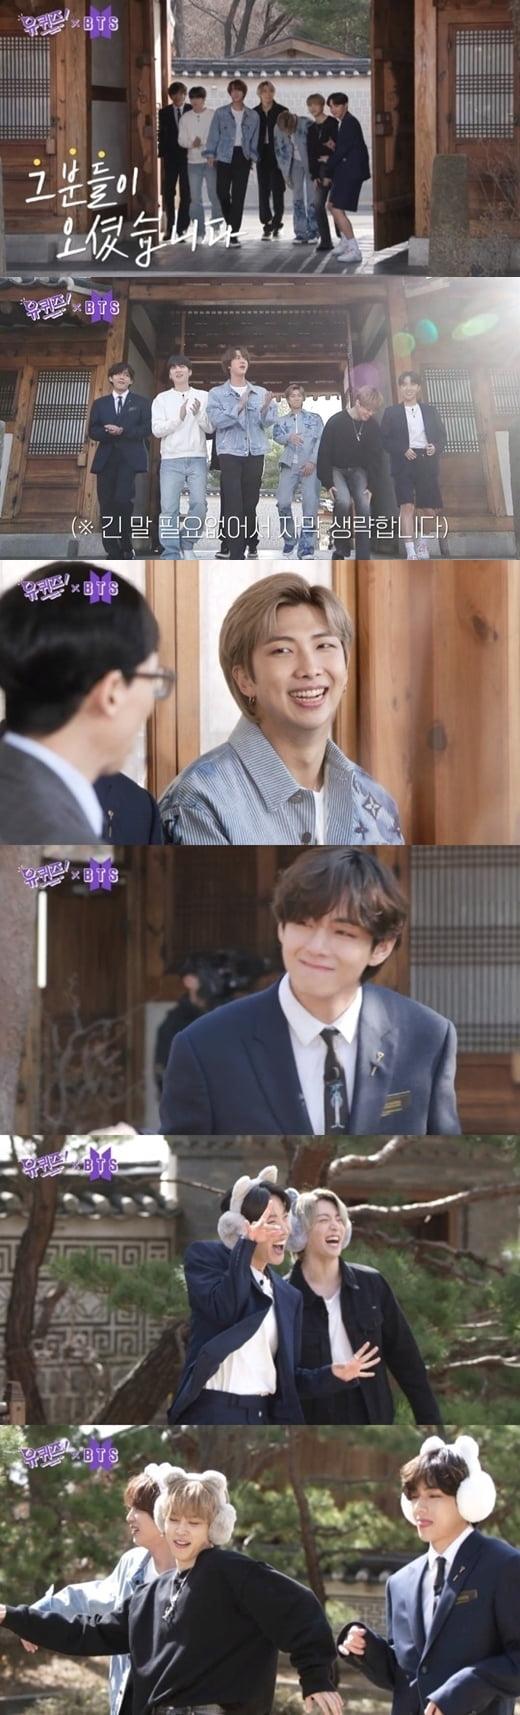 '유퀴즈' 방탄소년단 /사진=tvN 방송화면 캡처